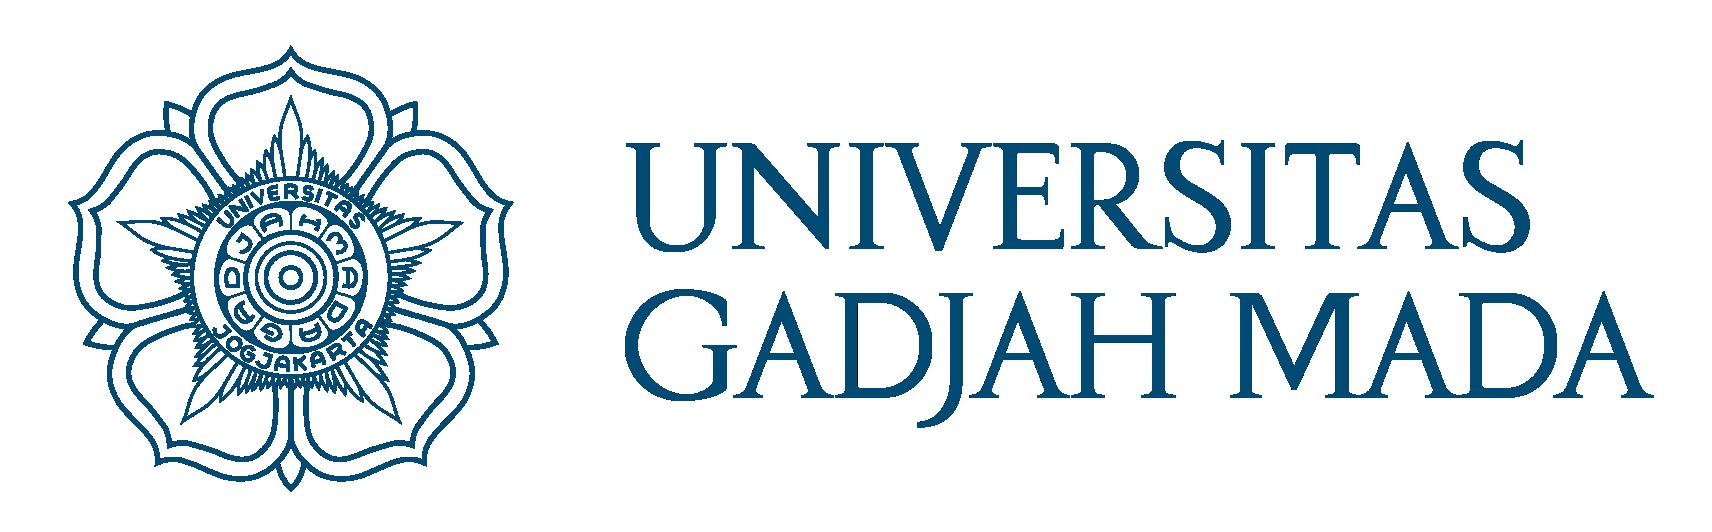 Bigbox our client logo image Universitas Gadjah Mada